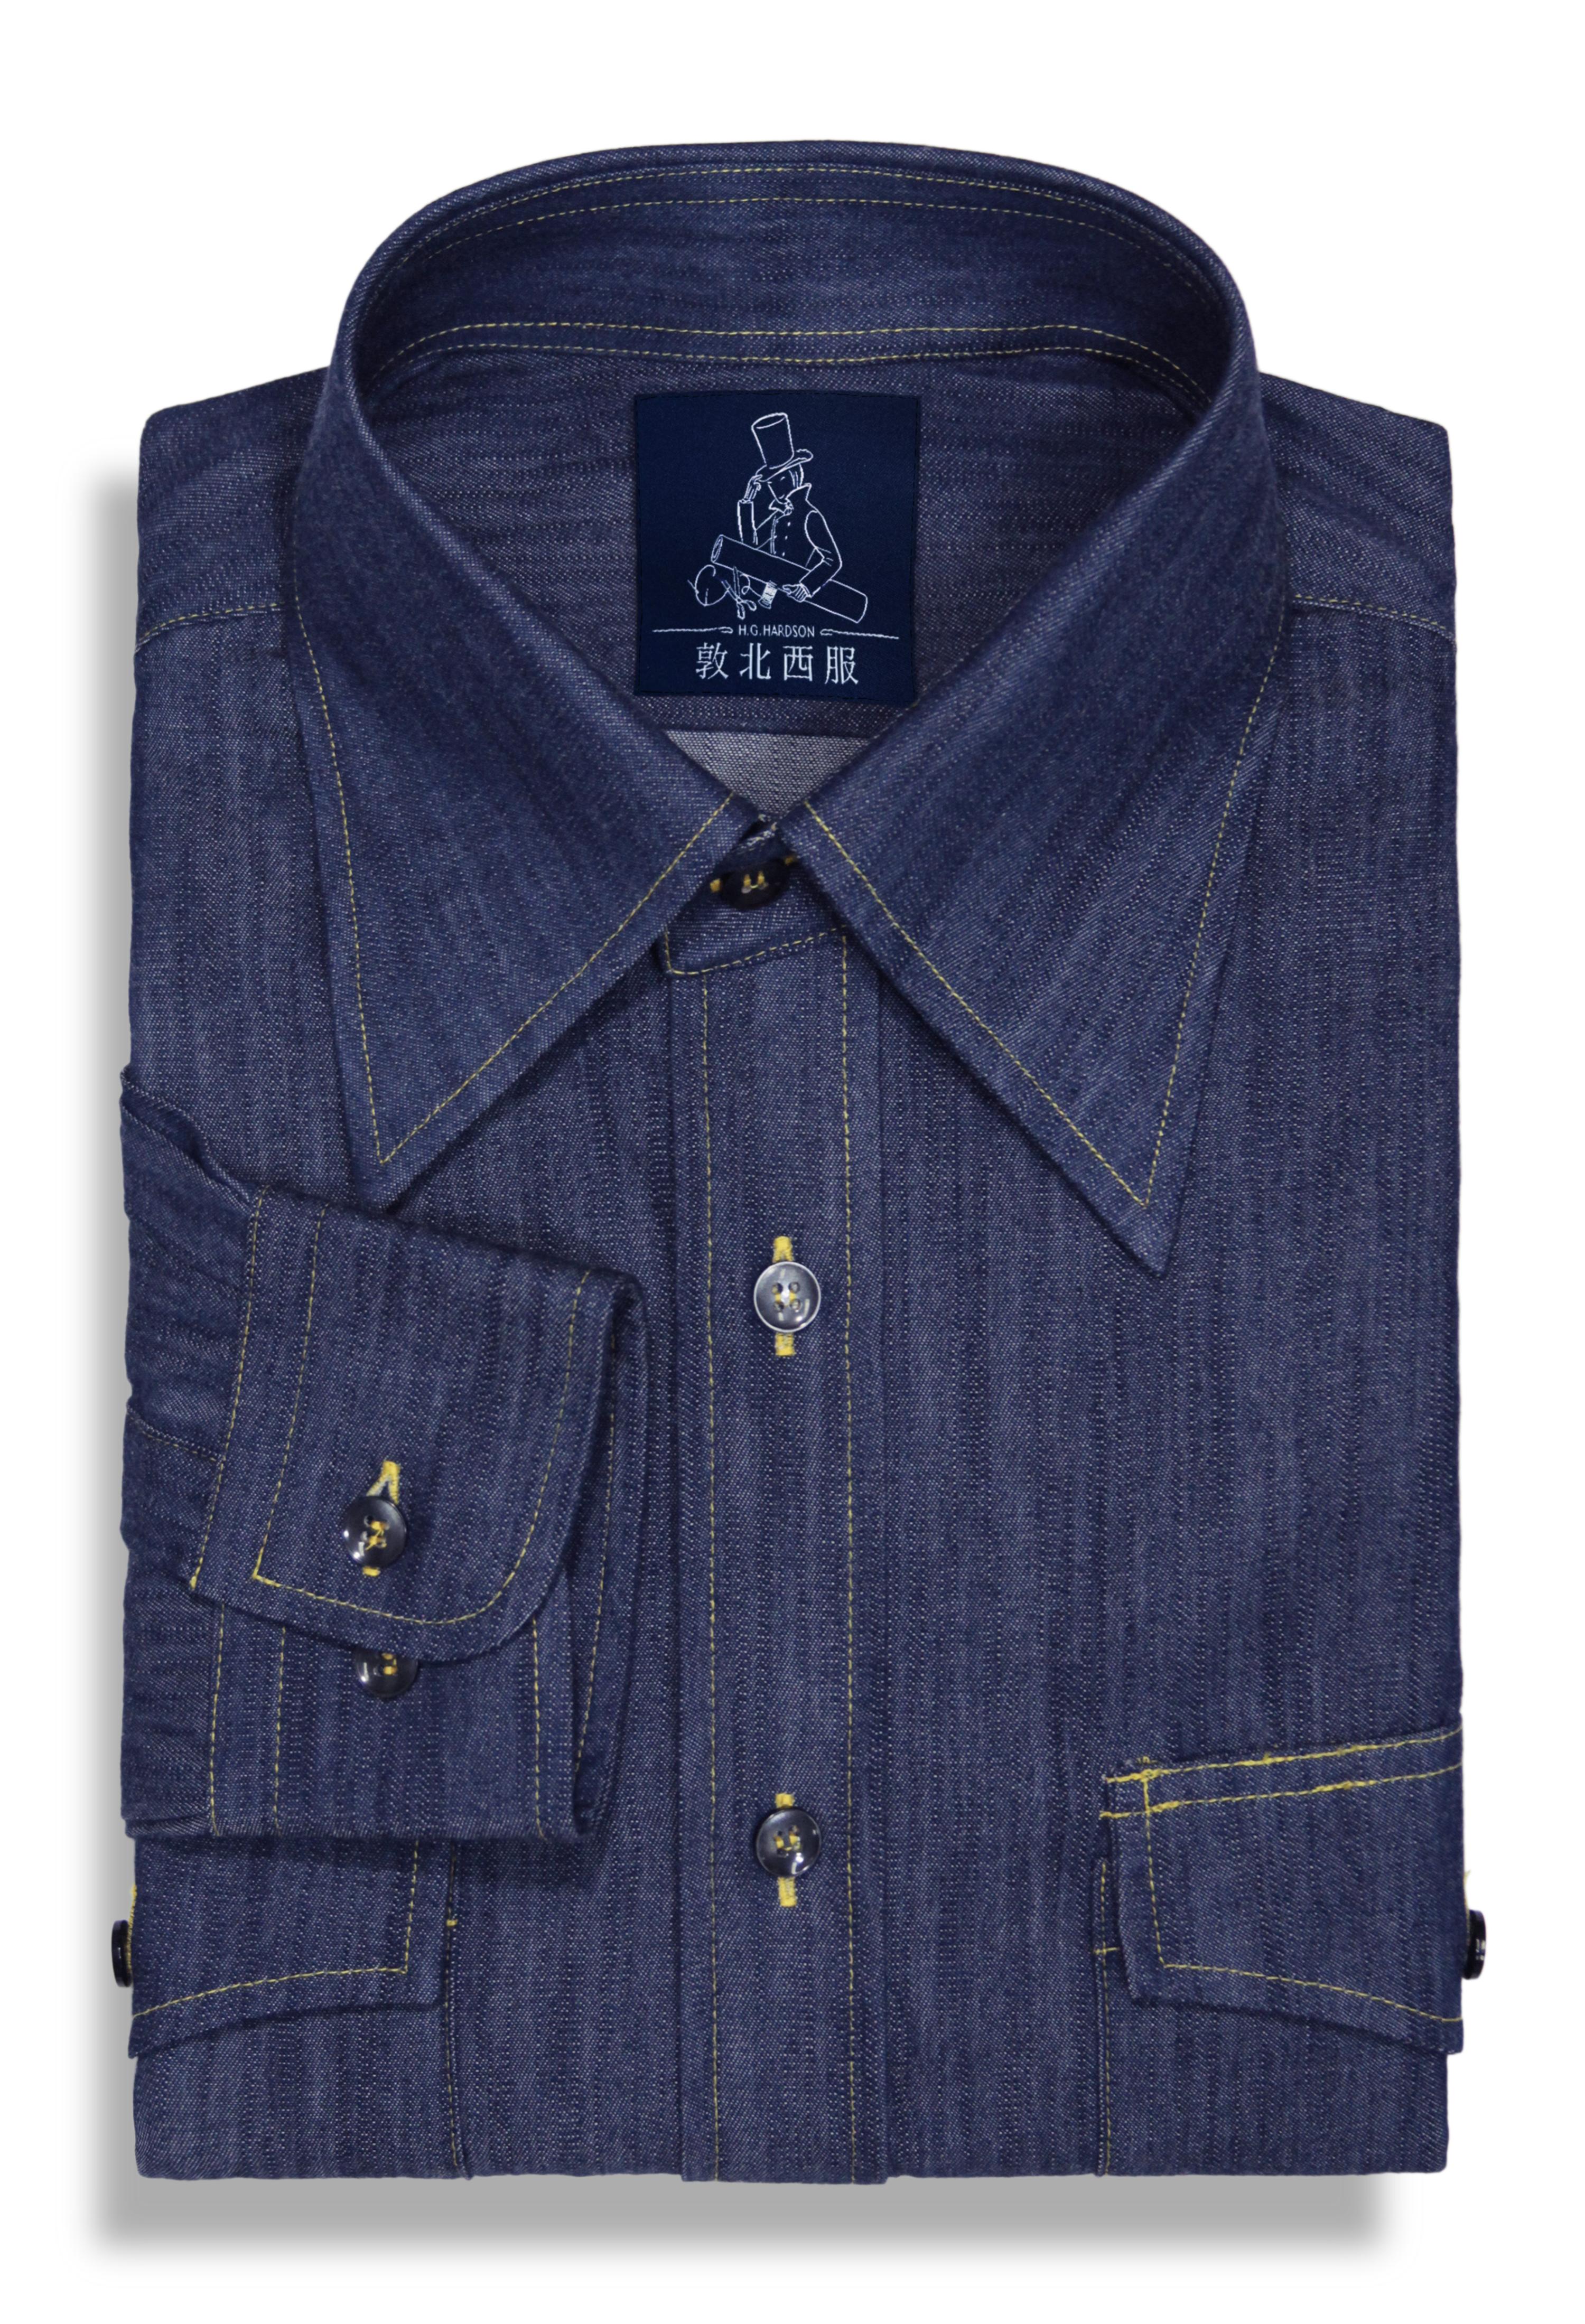 丹寧大尖領襯衫-深藍